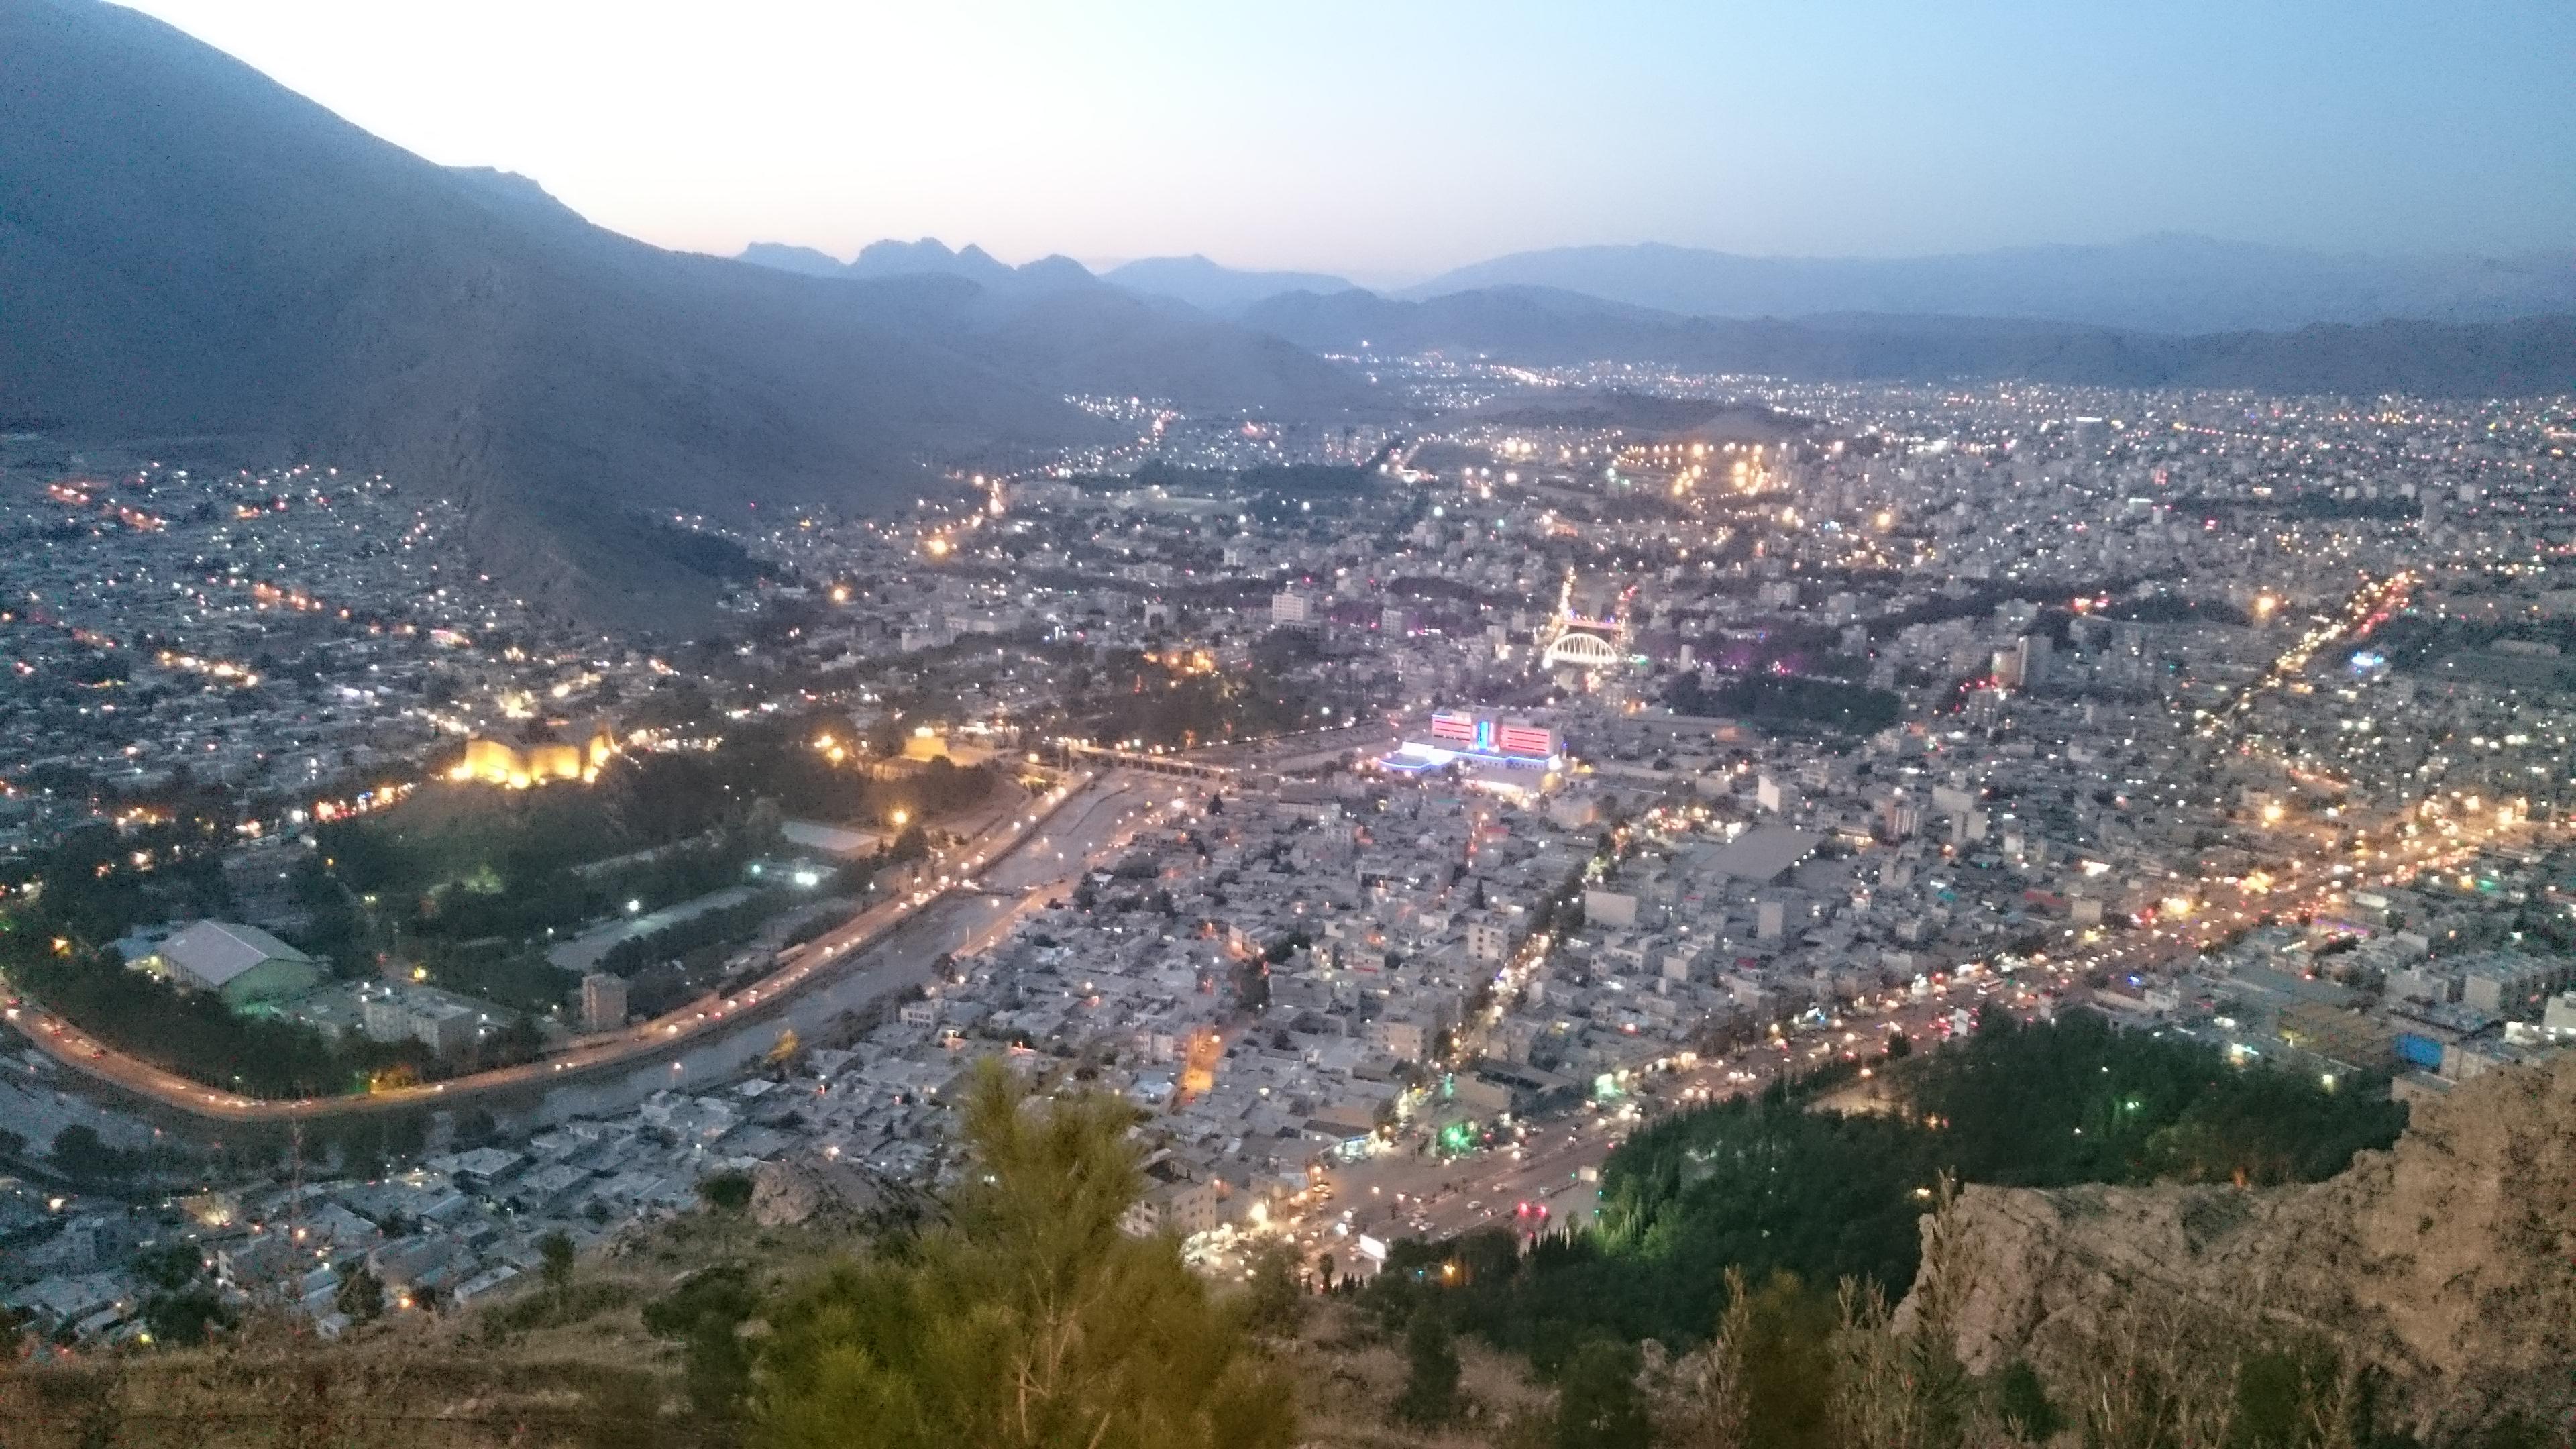 طرح راهبردی جدید برای شهر خرمآباد